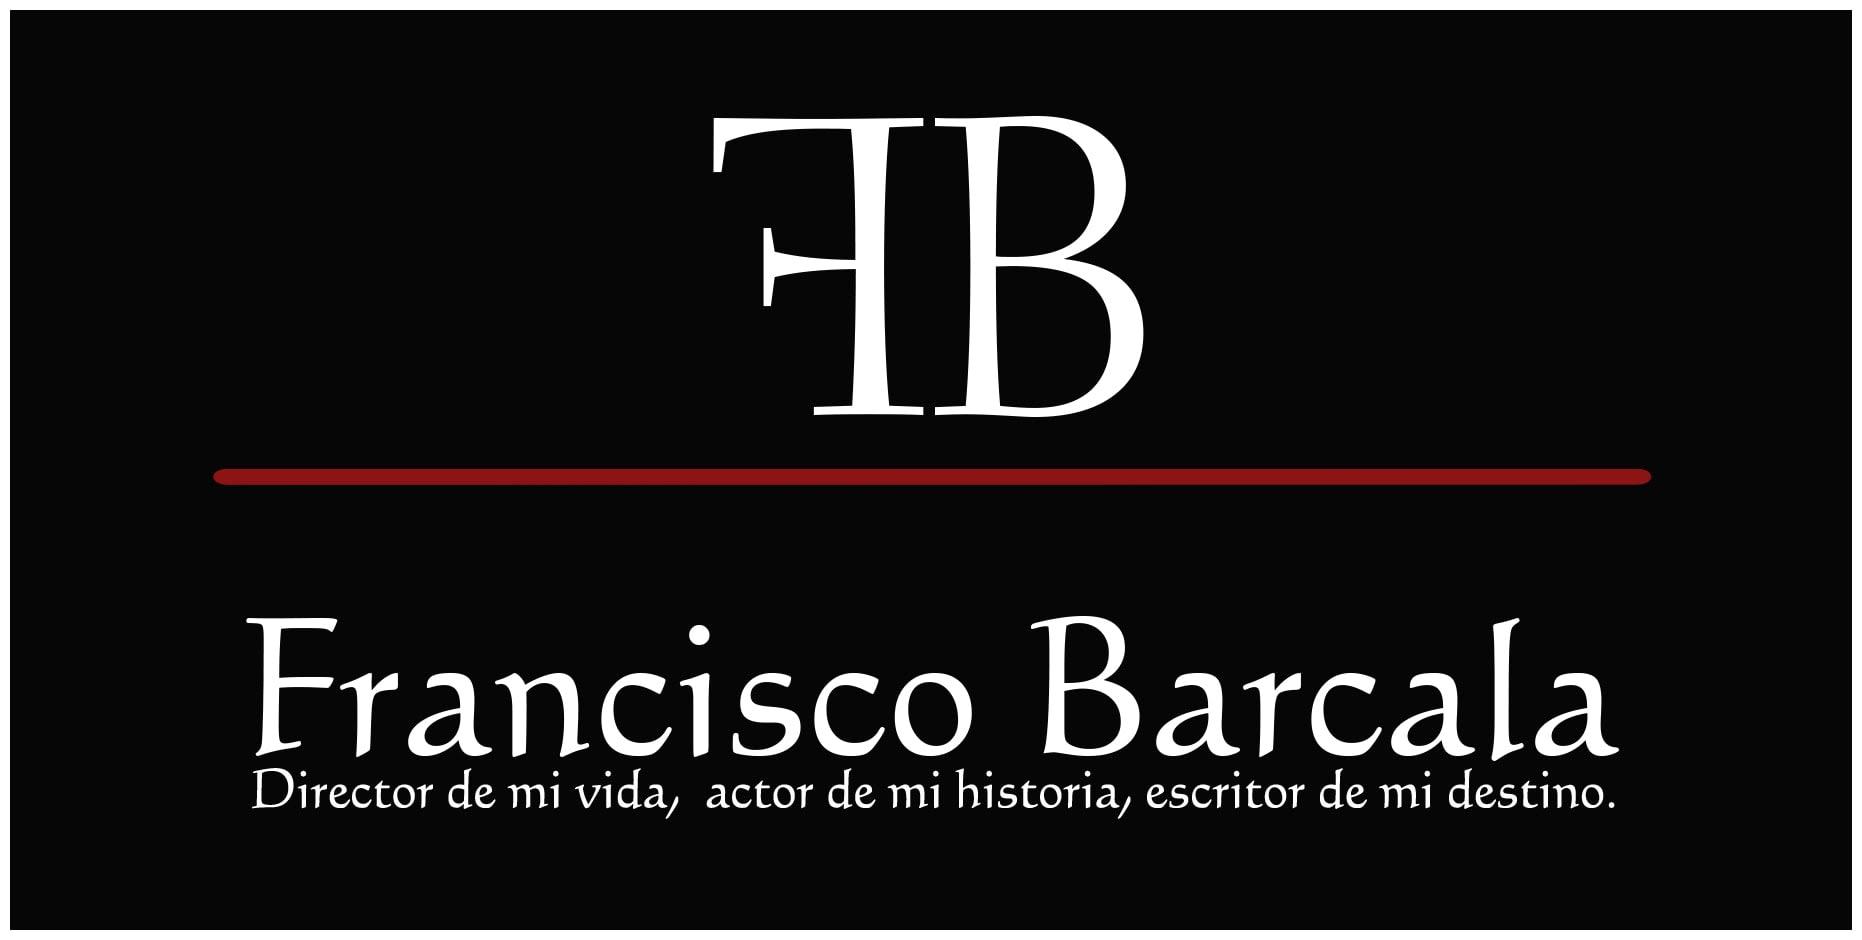 Francisco Barcala